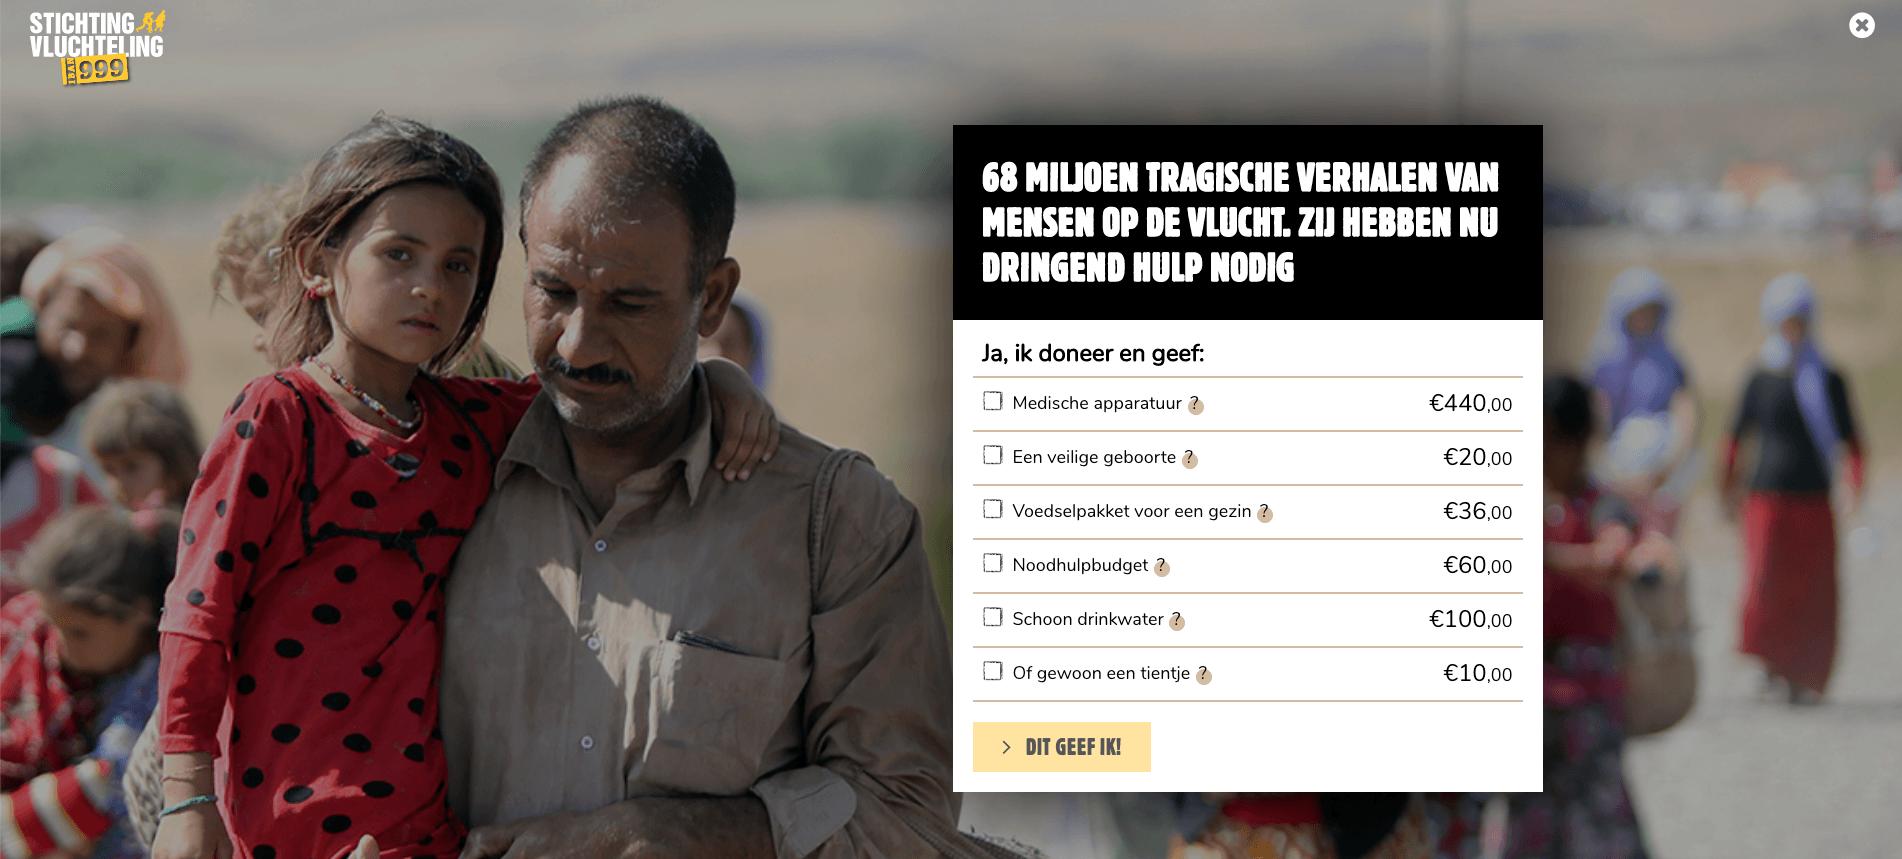 Voorbeeld Stichting Vluchteling gebruiksvriendelijk donatieformulier